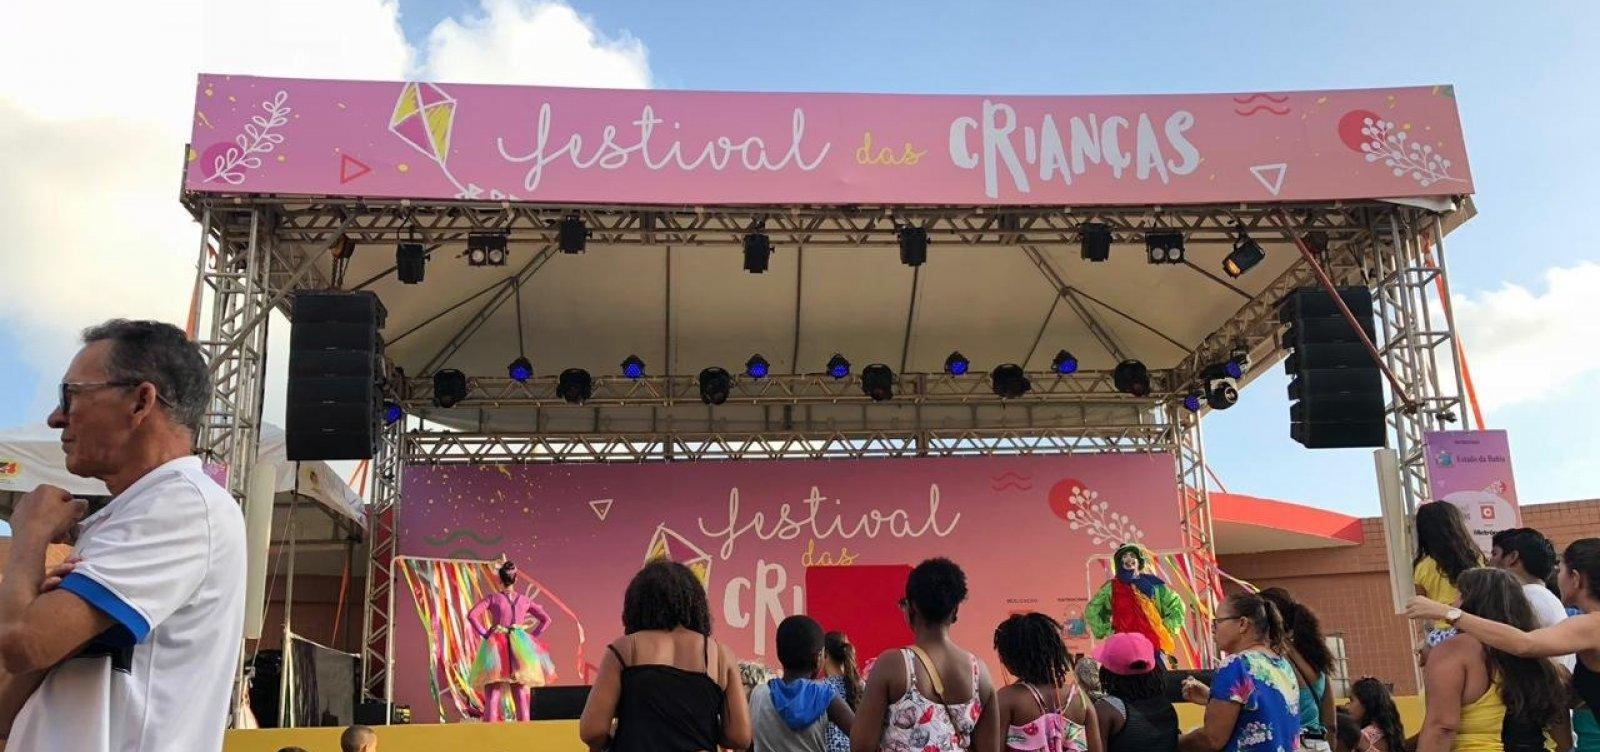 Negra Cor anima hoje Festival das Crianças; veja programação